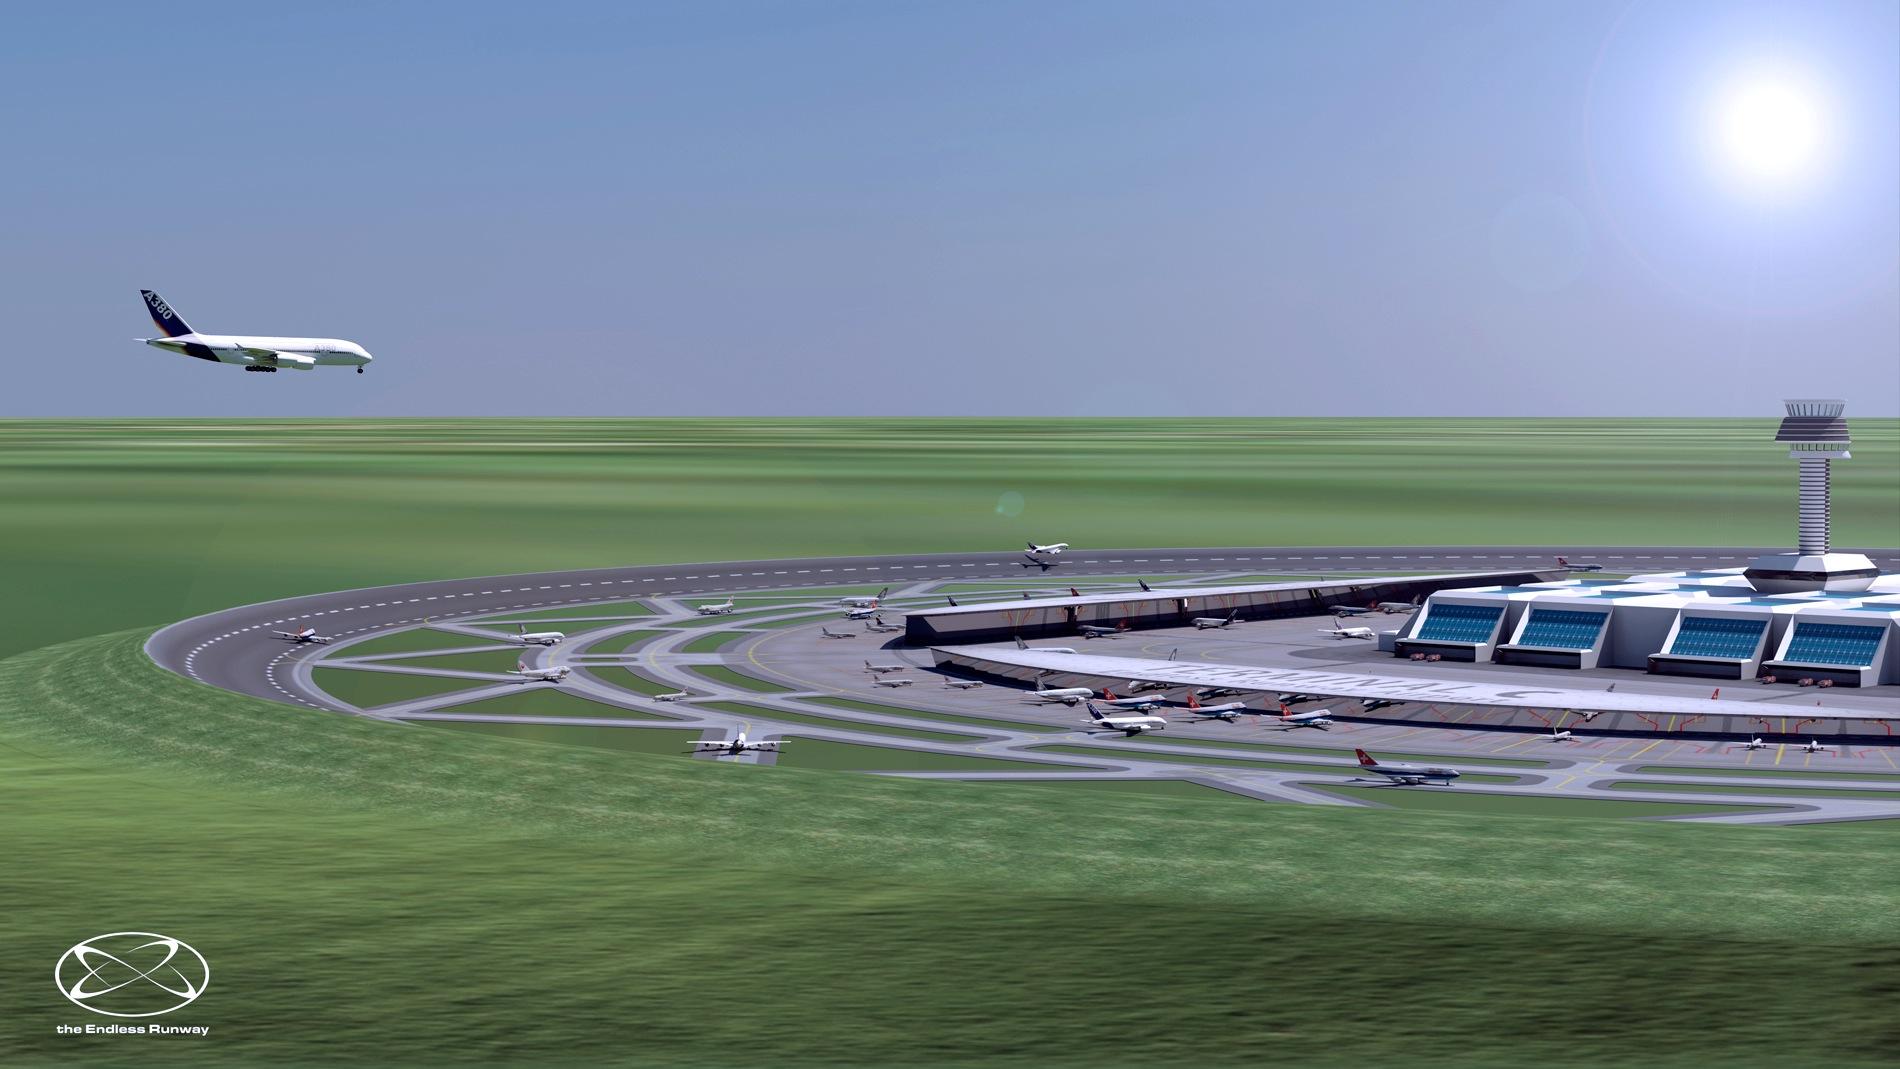 Auch bei der Landung können sich Flugzeuge den optimalen Punkt auswählen und starken Seitenwinden aus dem Weg fliegen.